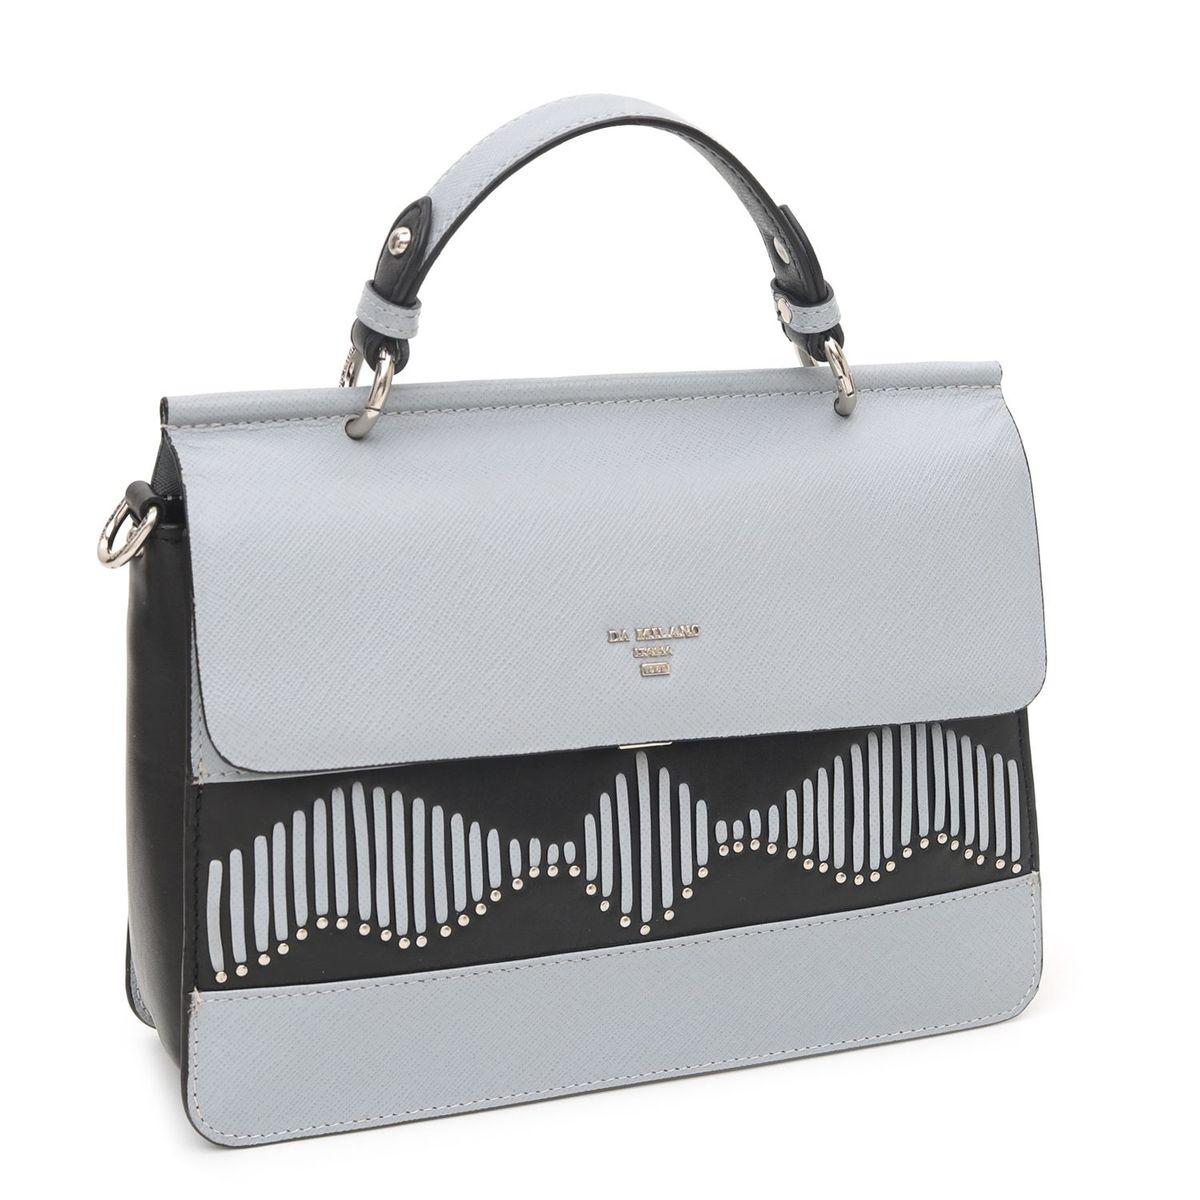 8338a60f67d9 Da Milano Grey Black Satchel Bag